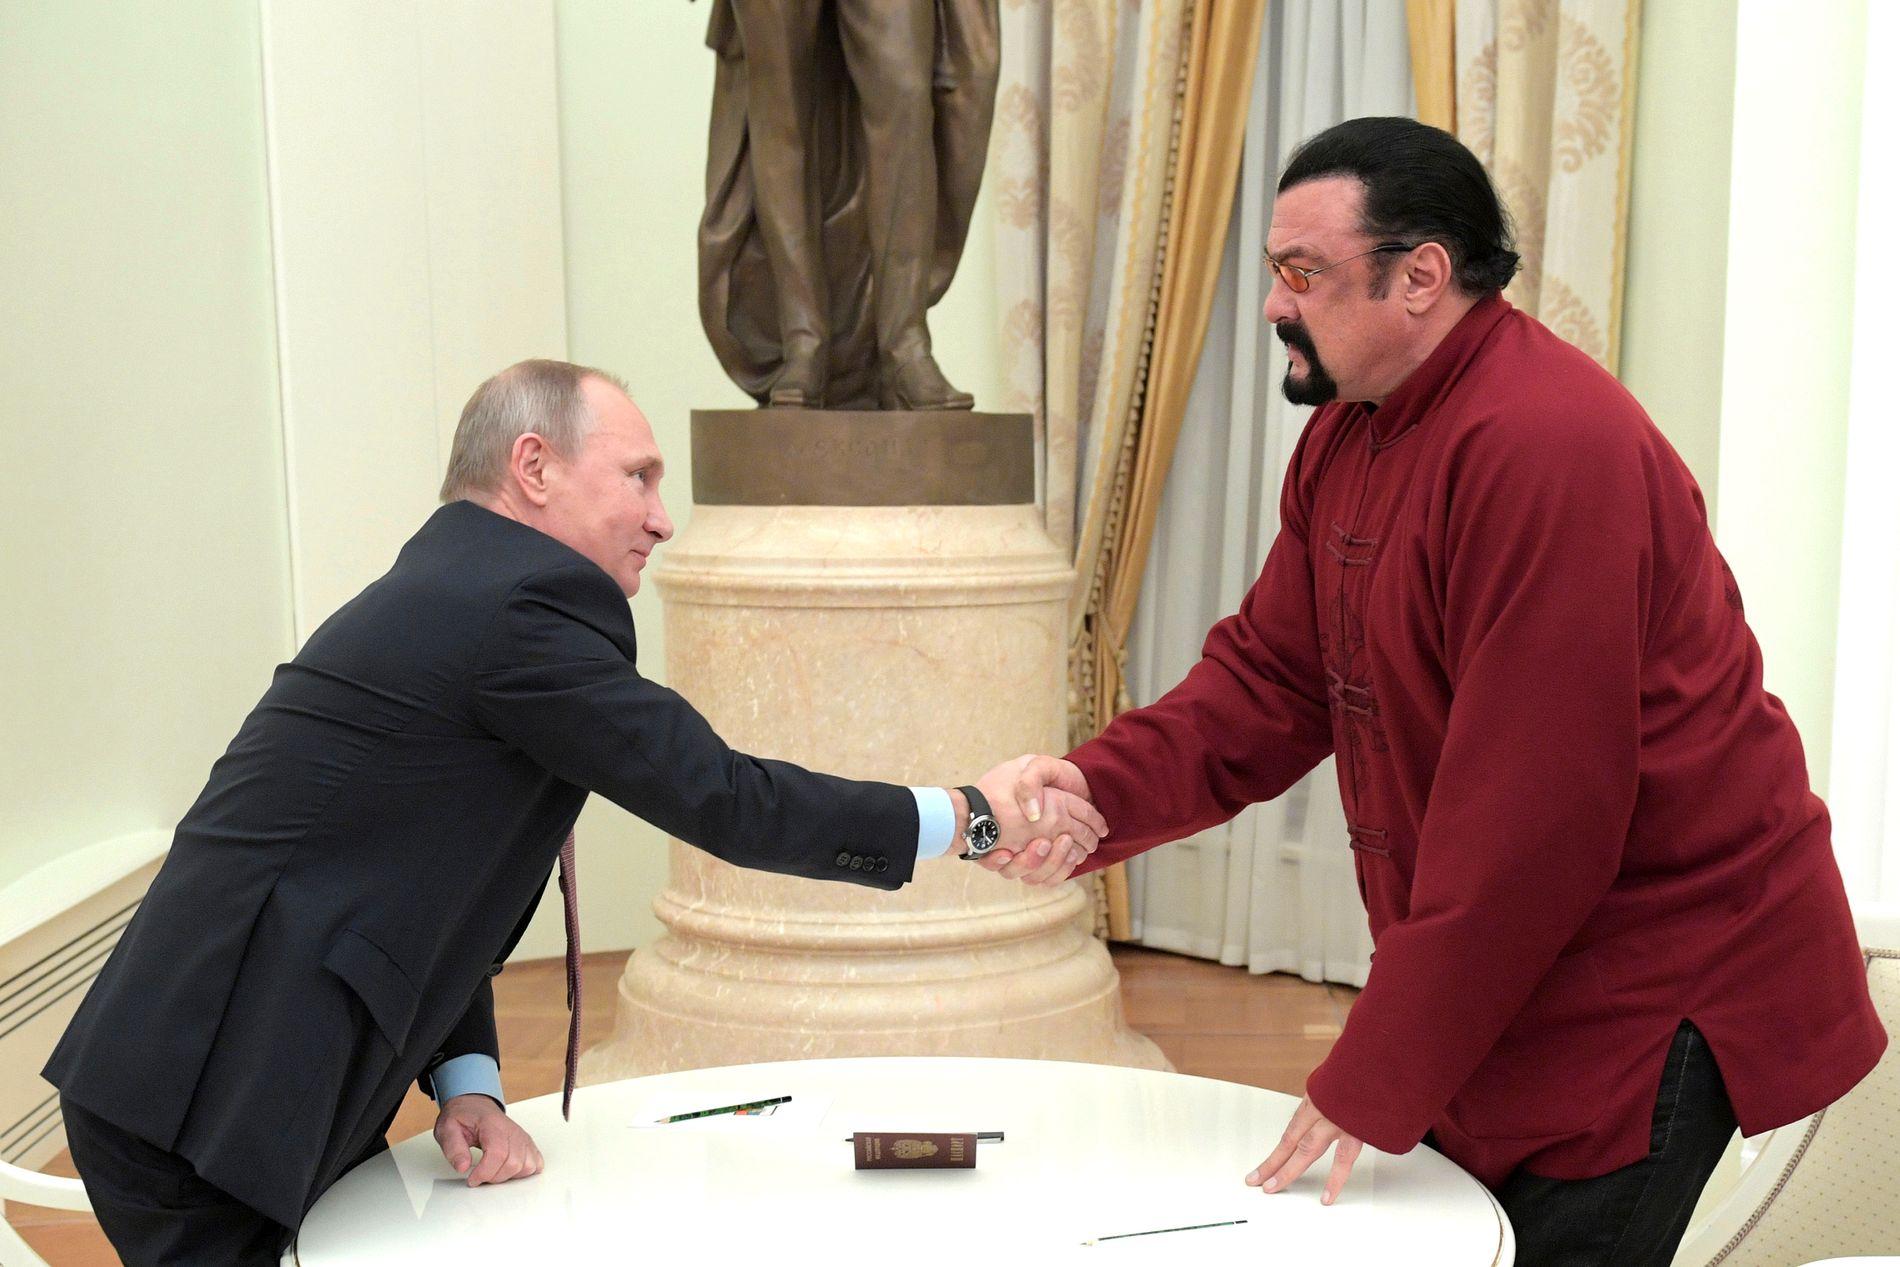 Skuespiller Steven Seagal hilser på den russiske presidenten Vladimir Putin. Bildet er fra 2016.